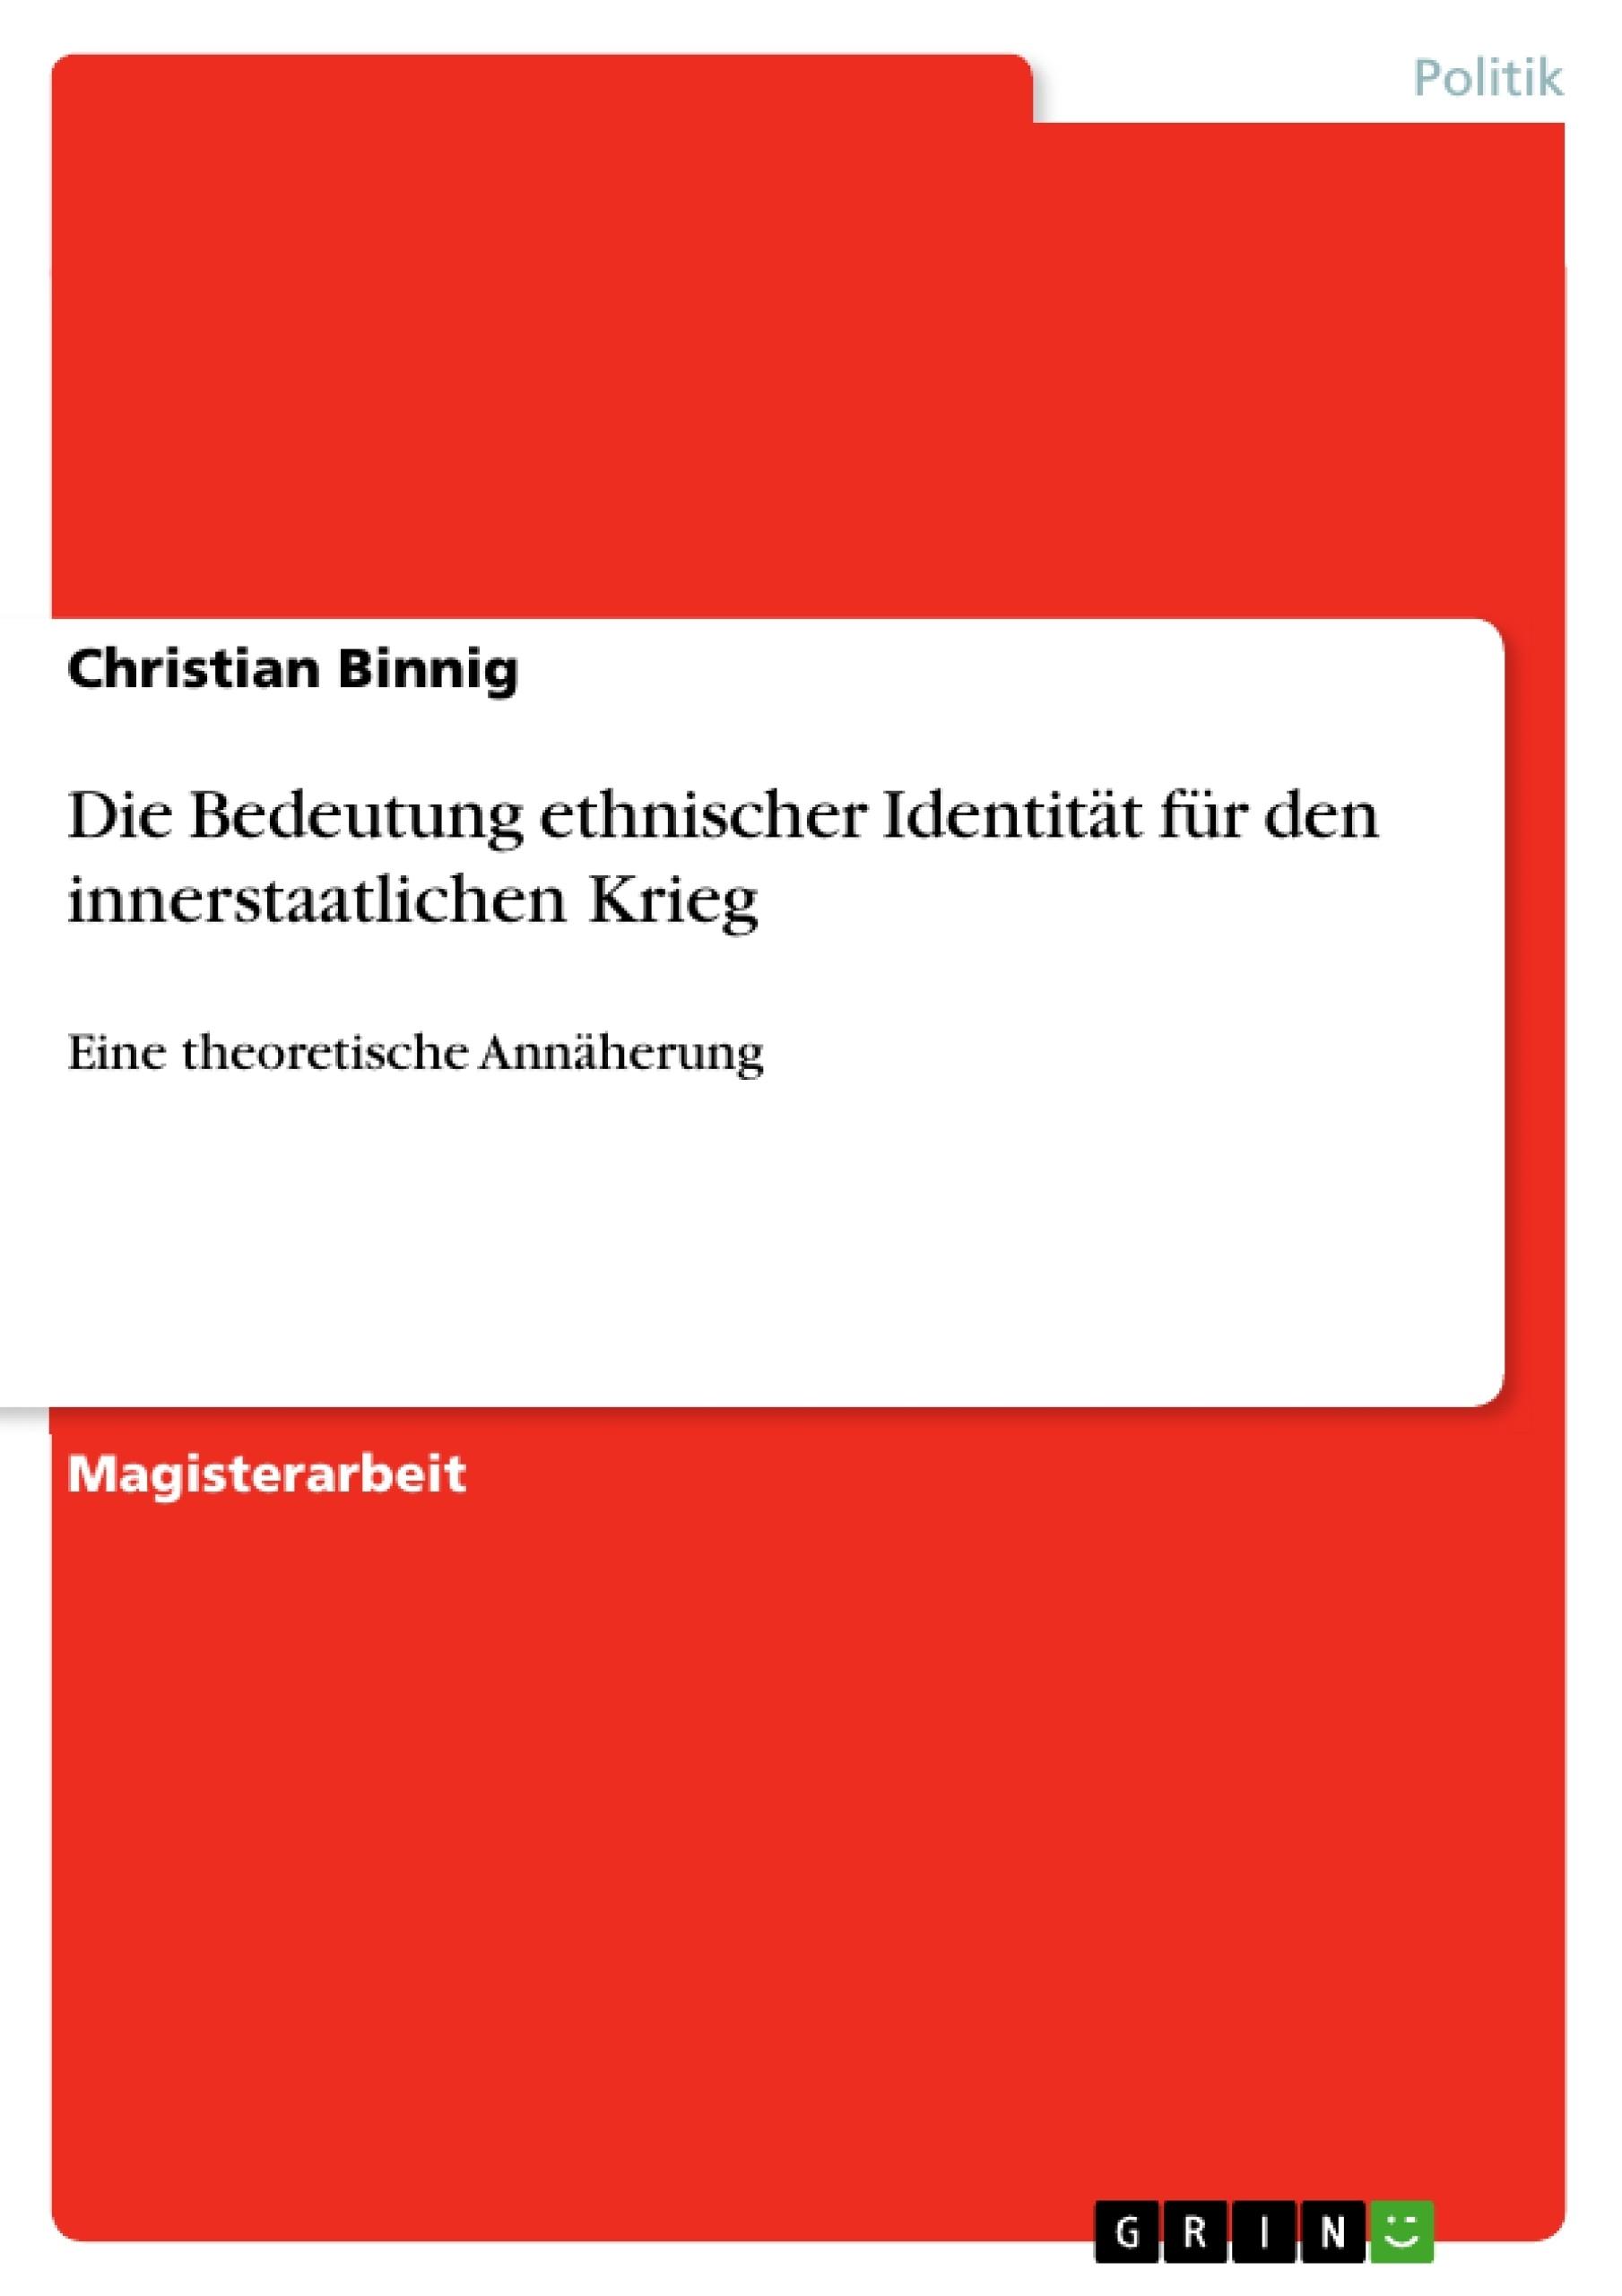 Titel: Die Bedeutung ethnischer Identität für den innerstaatlichen Krieg